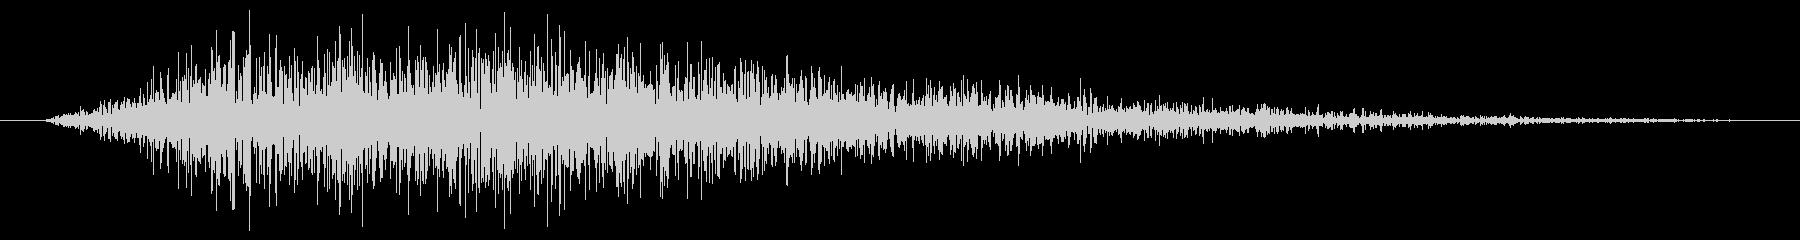 ギューン(金属系効果音)の未再生の波形